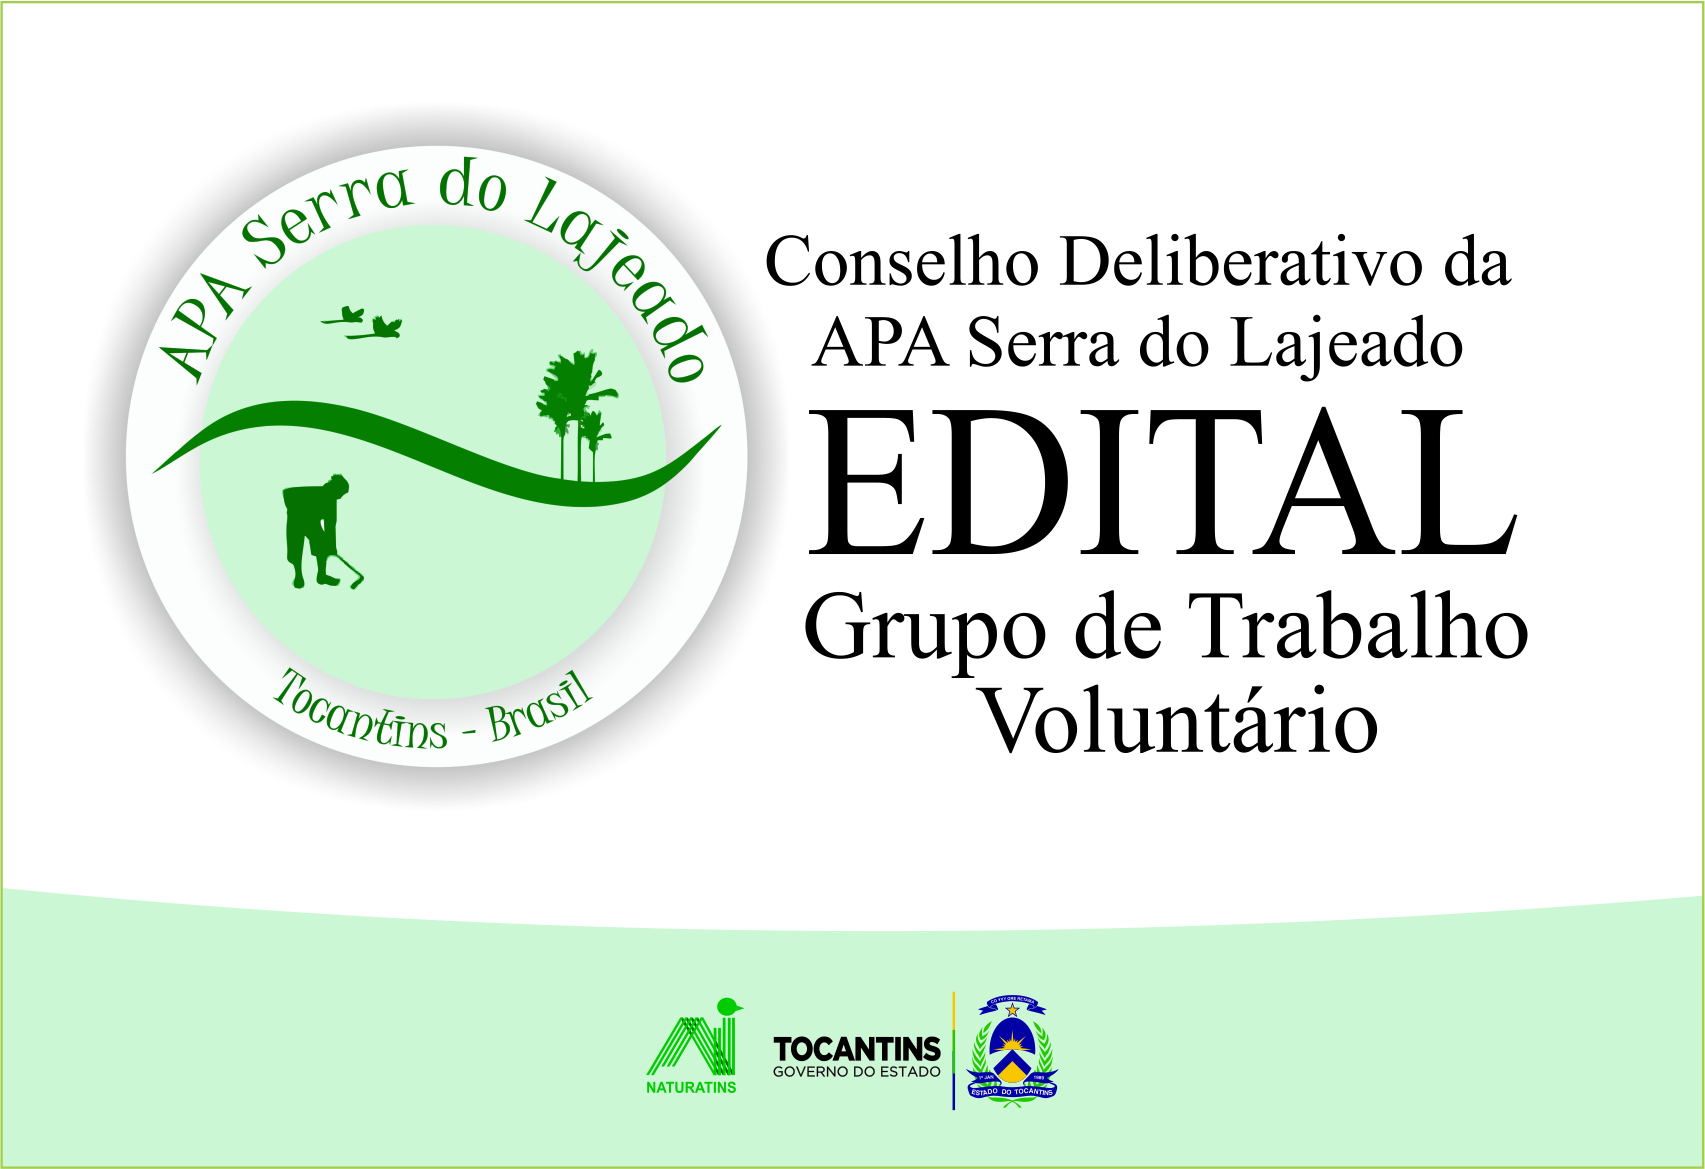 O edital do Conselho da APA Serra do Lajeado convida voluntários para compor Grupo de Trabalho que vai discutir pontos específicos do Plano de Manejo da unidade